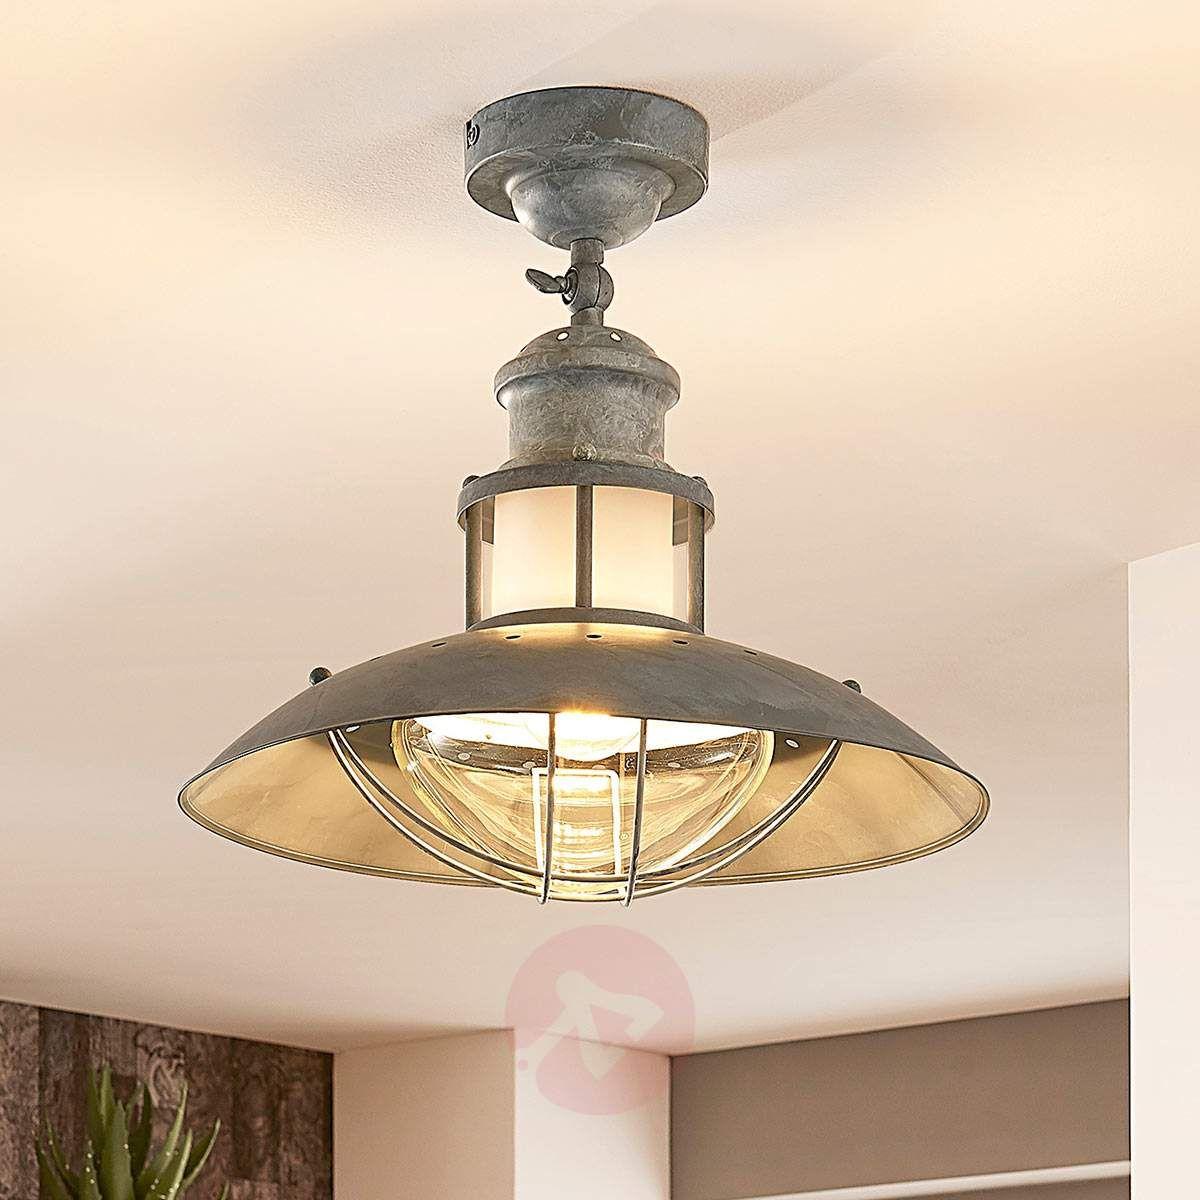 lampy i zyrandole do salonu gdynia